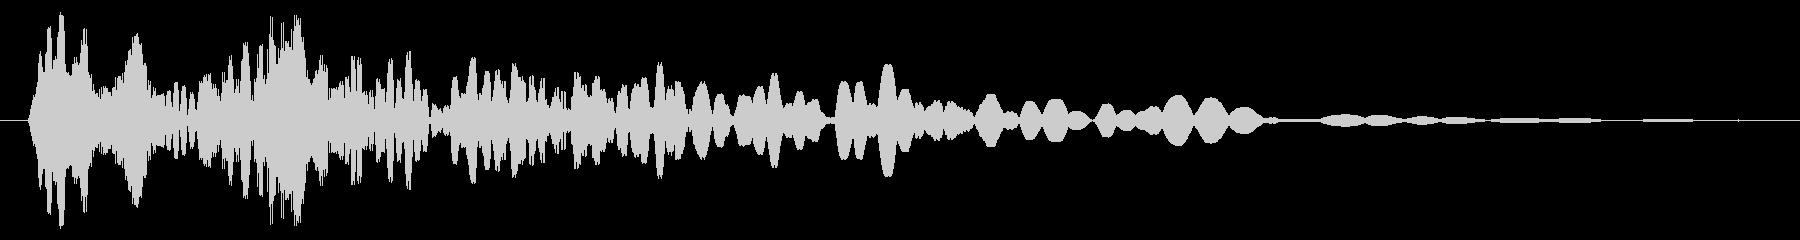 パッカードザップの未再生の波形